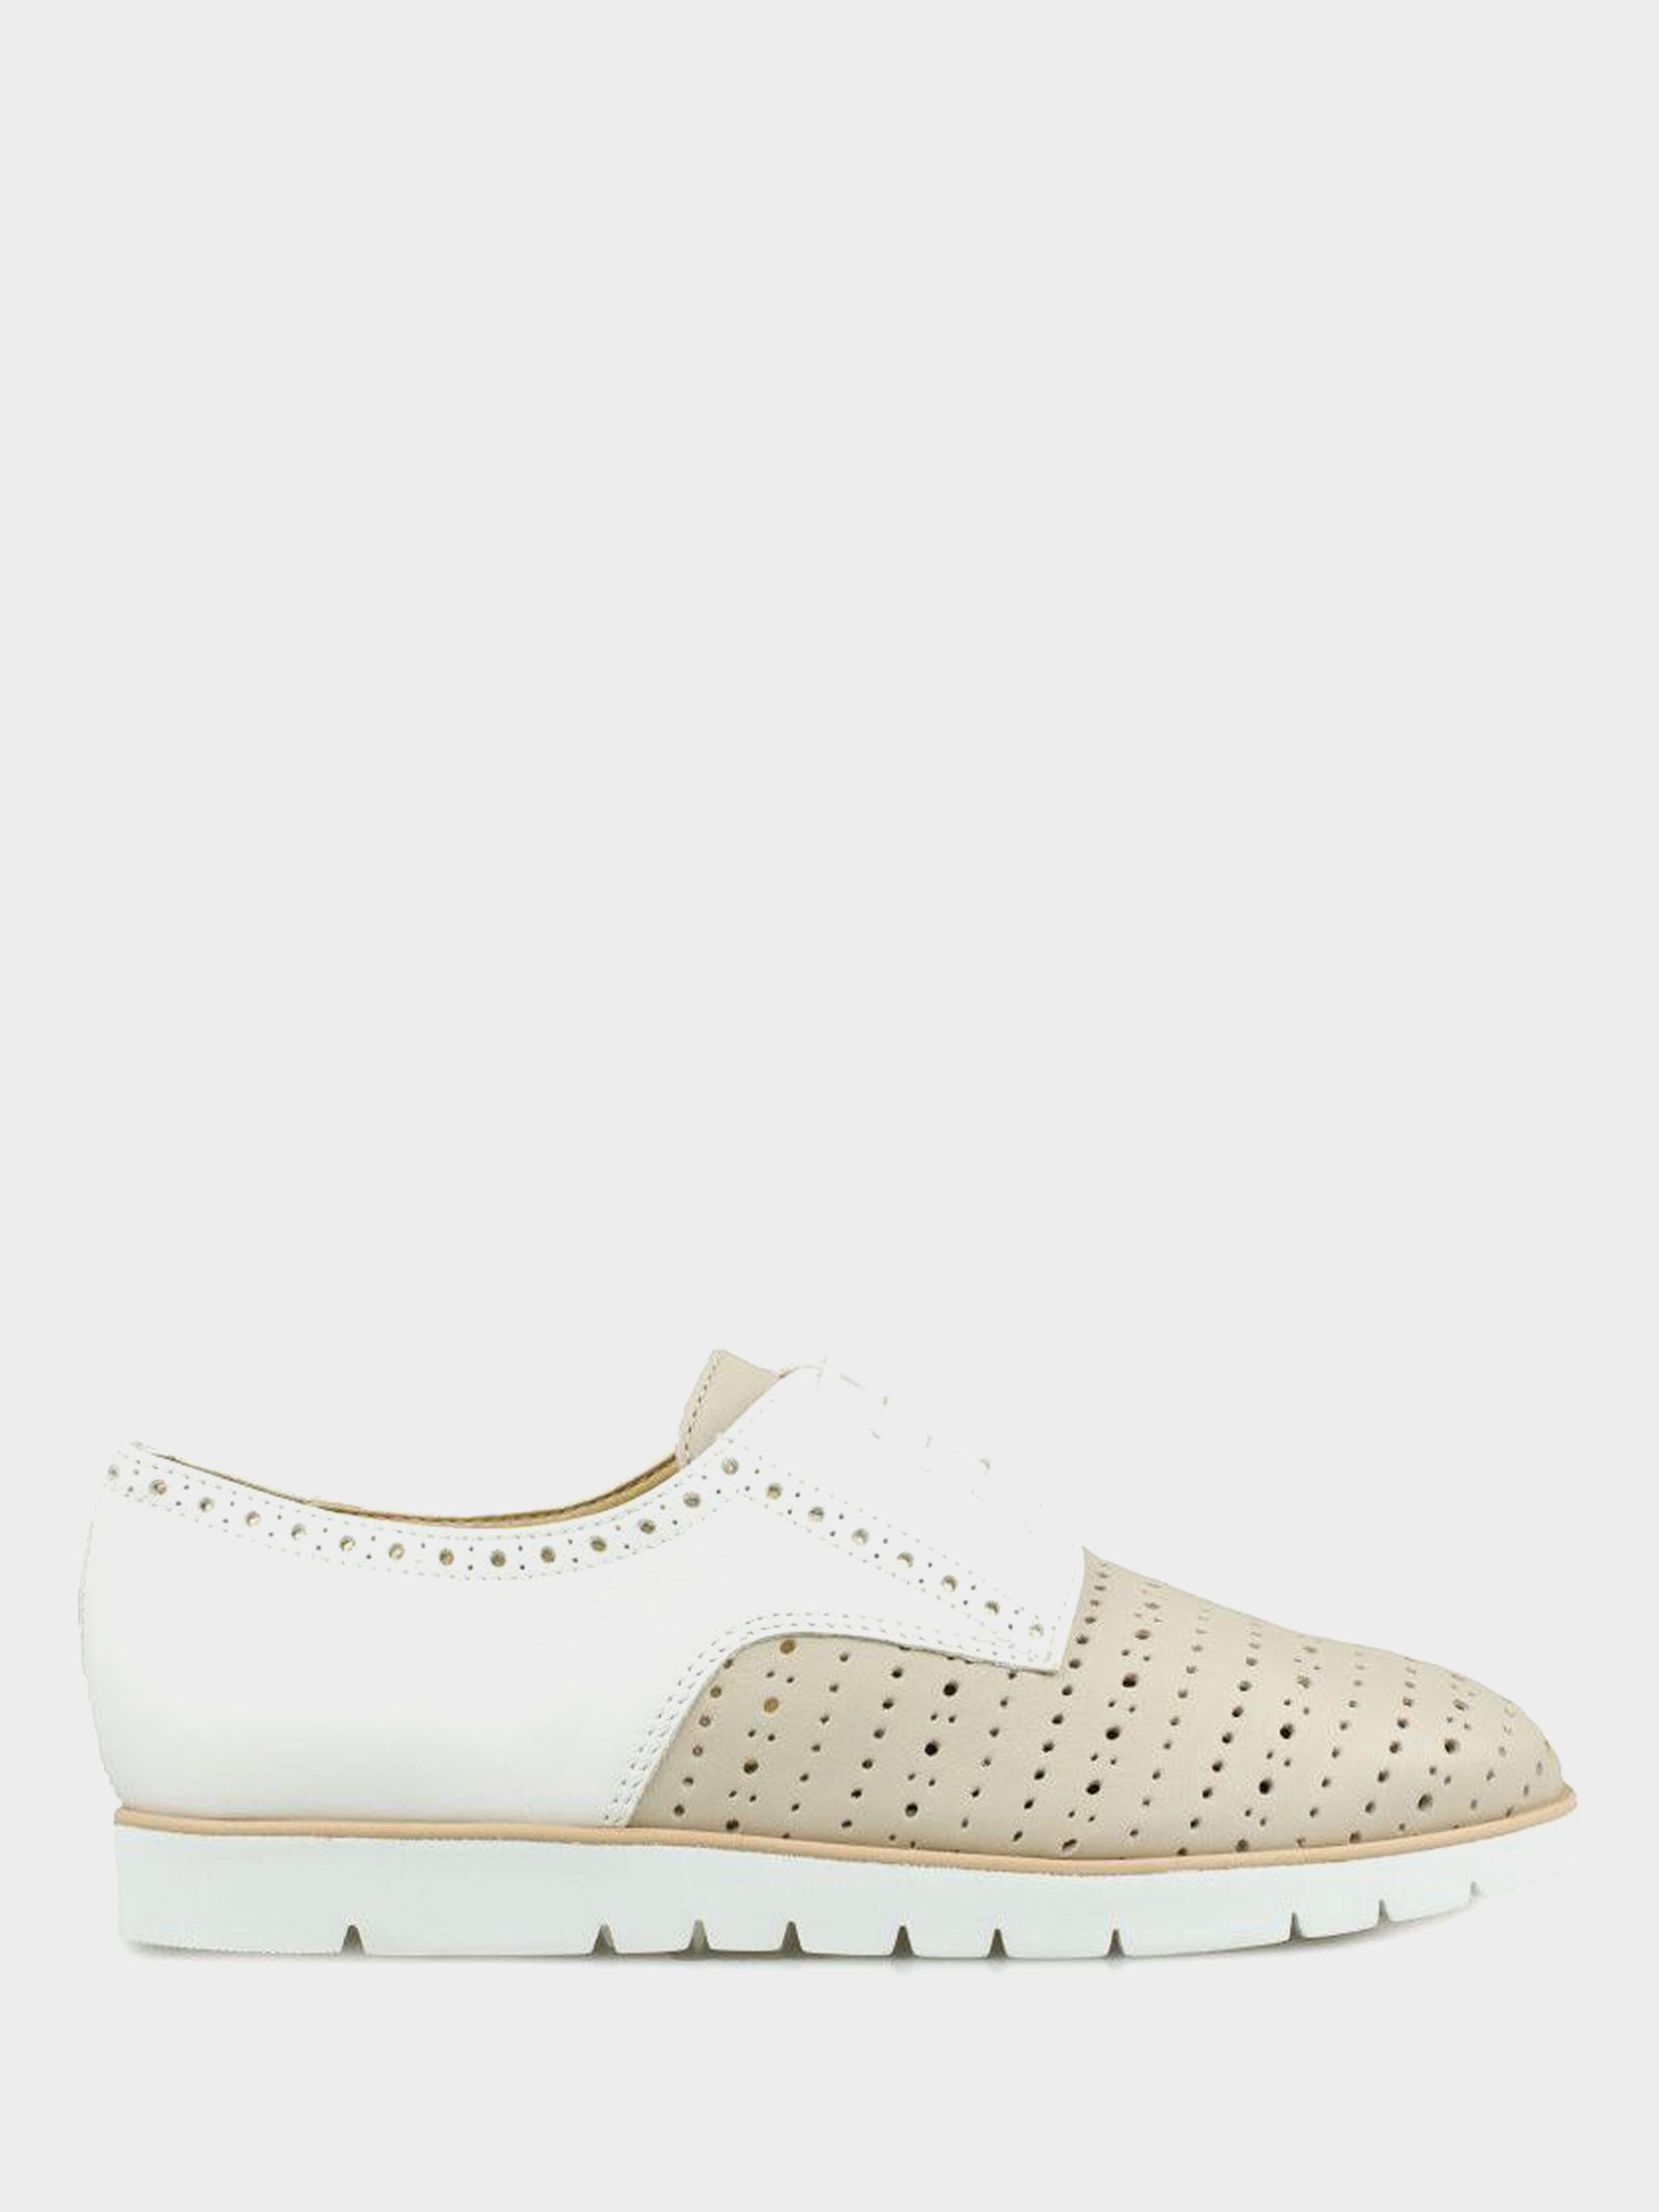 Полуботинки для женщин Geox D KOOKEAN D - NAPPA XW3289 брендовая обувь, 2017